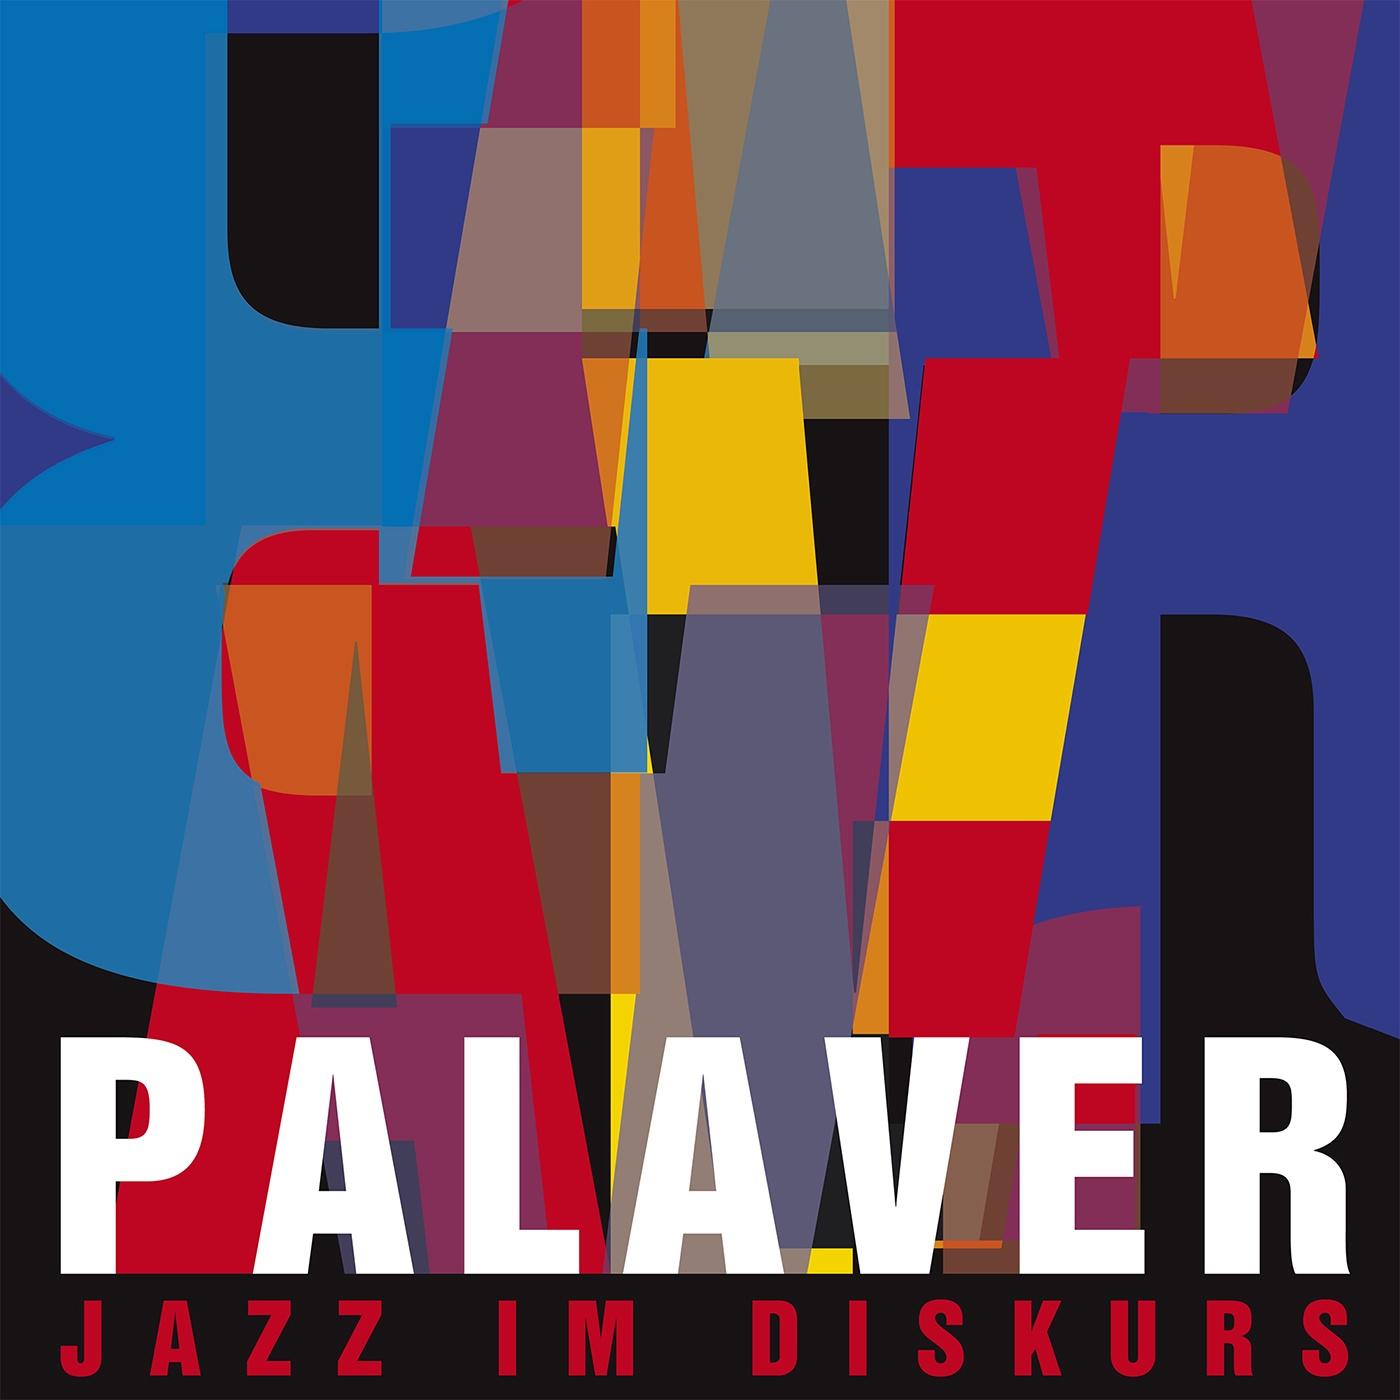 JazzPodcast - produziert von JazzChur